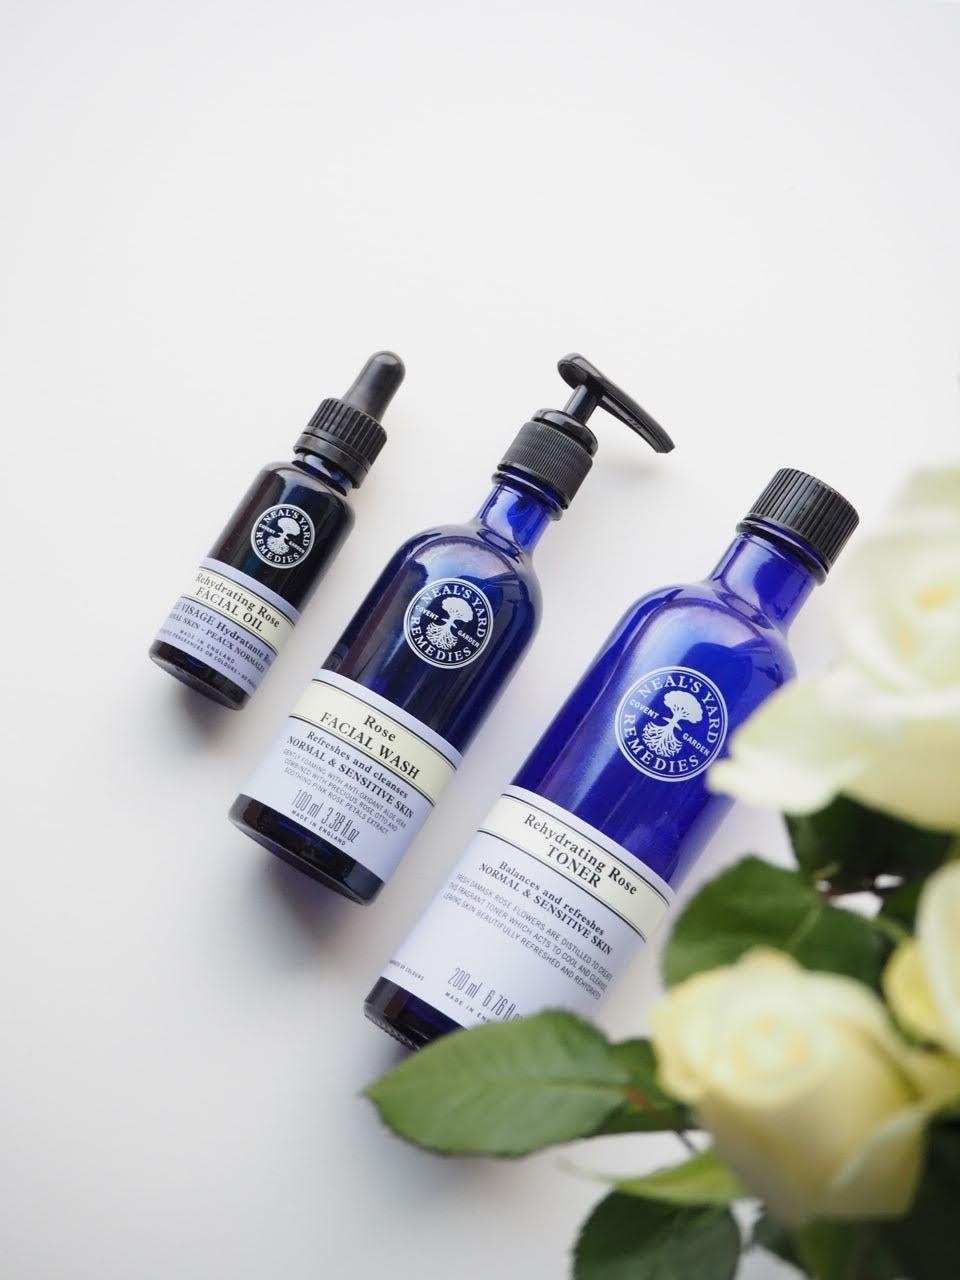 Neals Yard Remedies ruusu-kosmetiikka